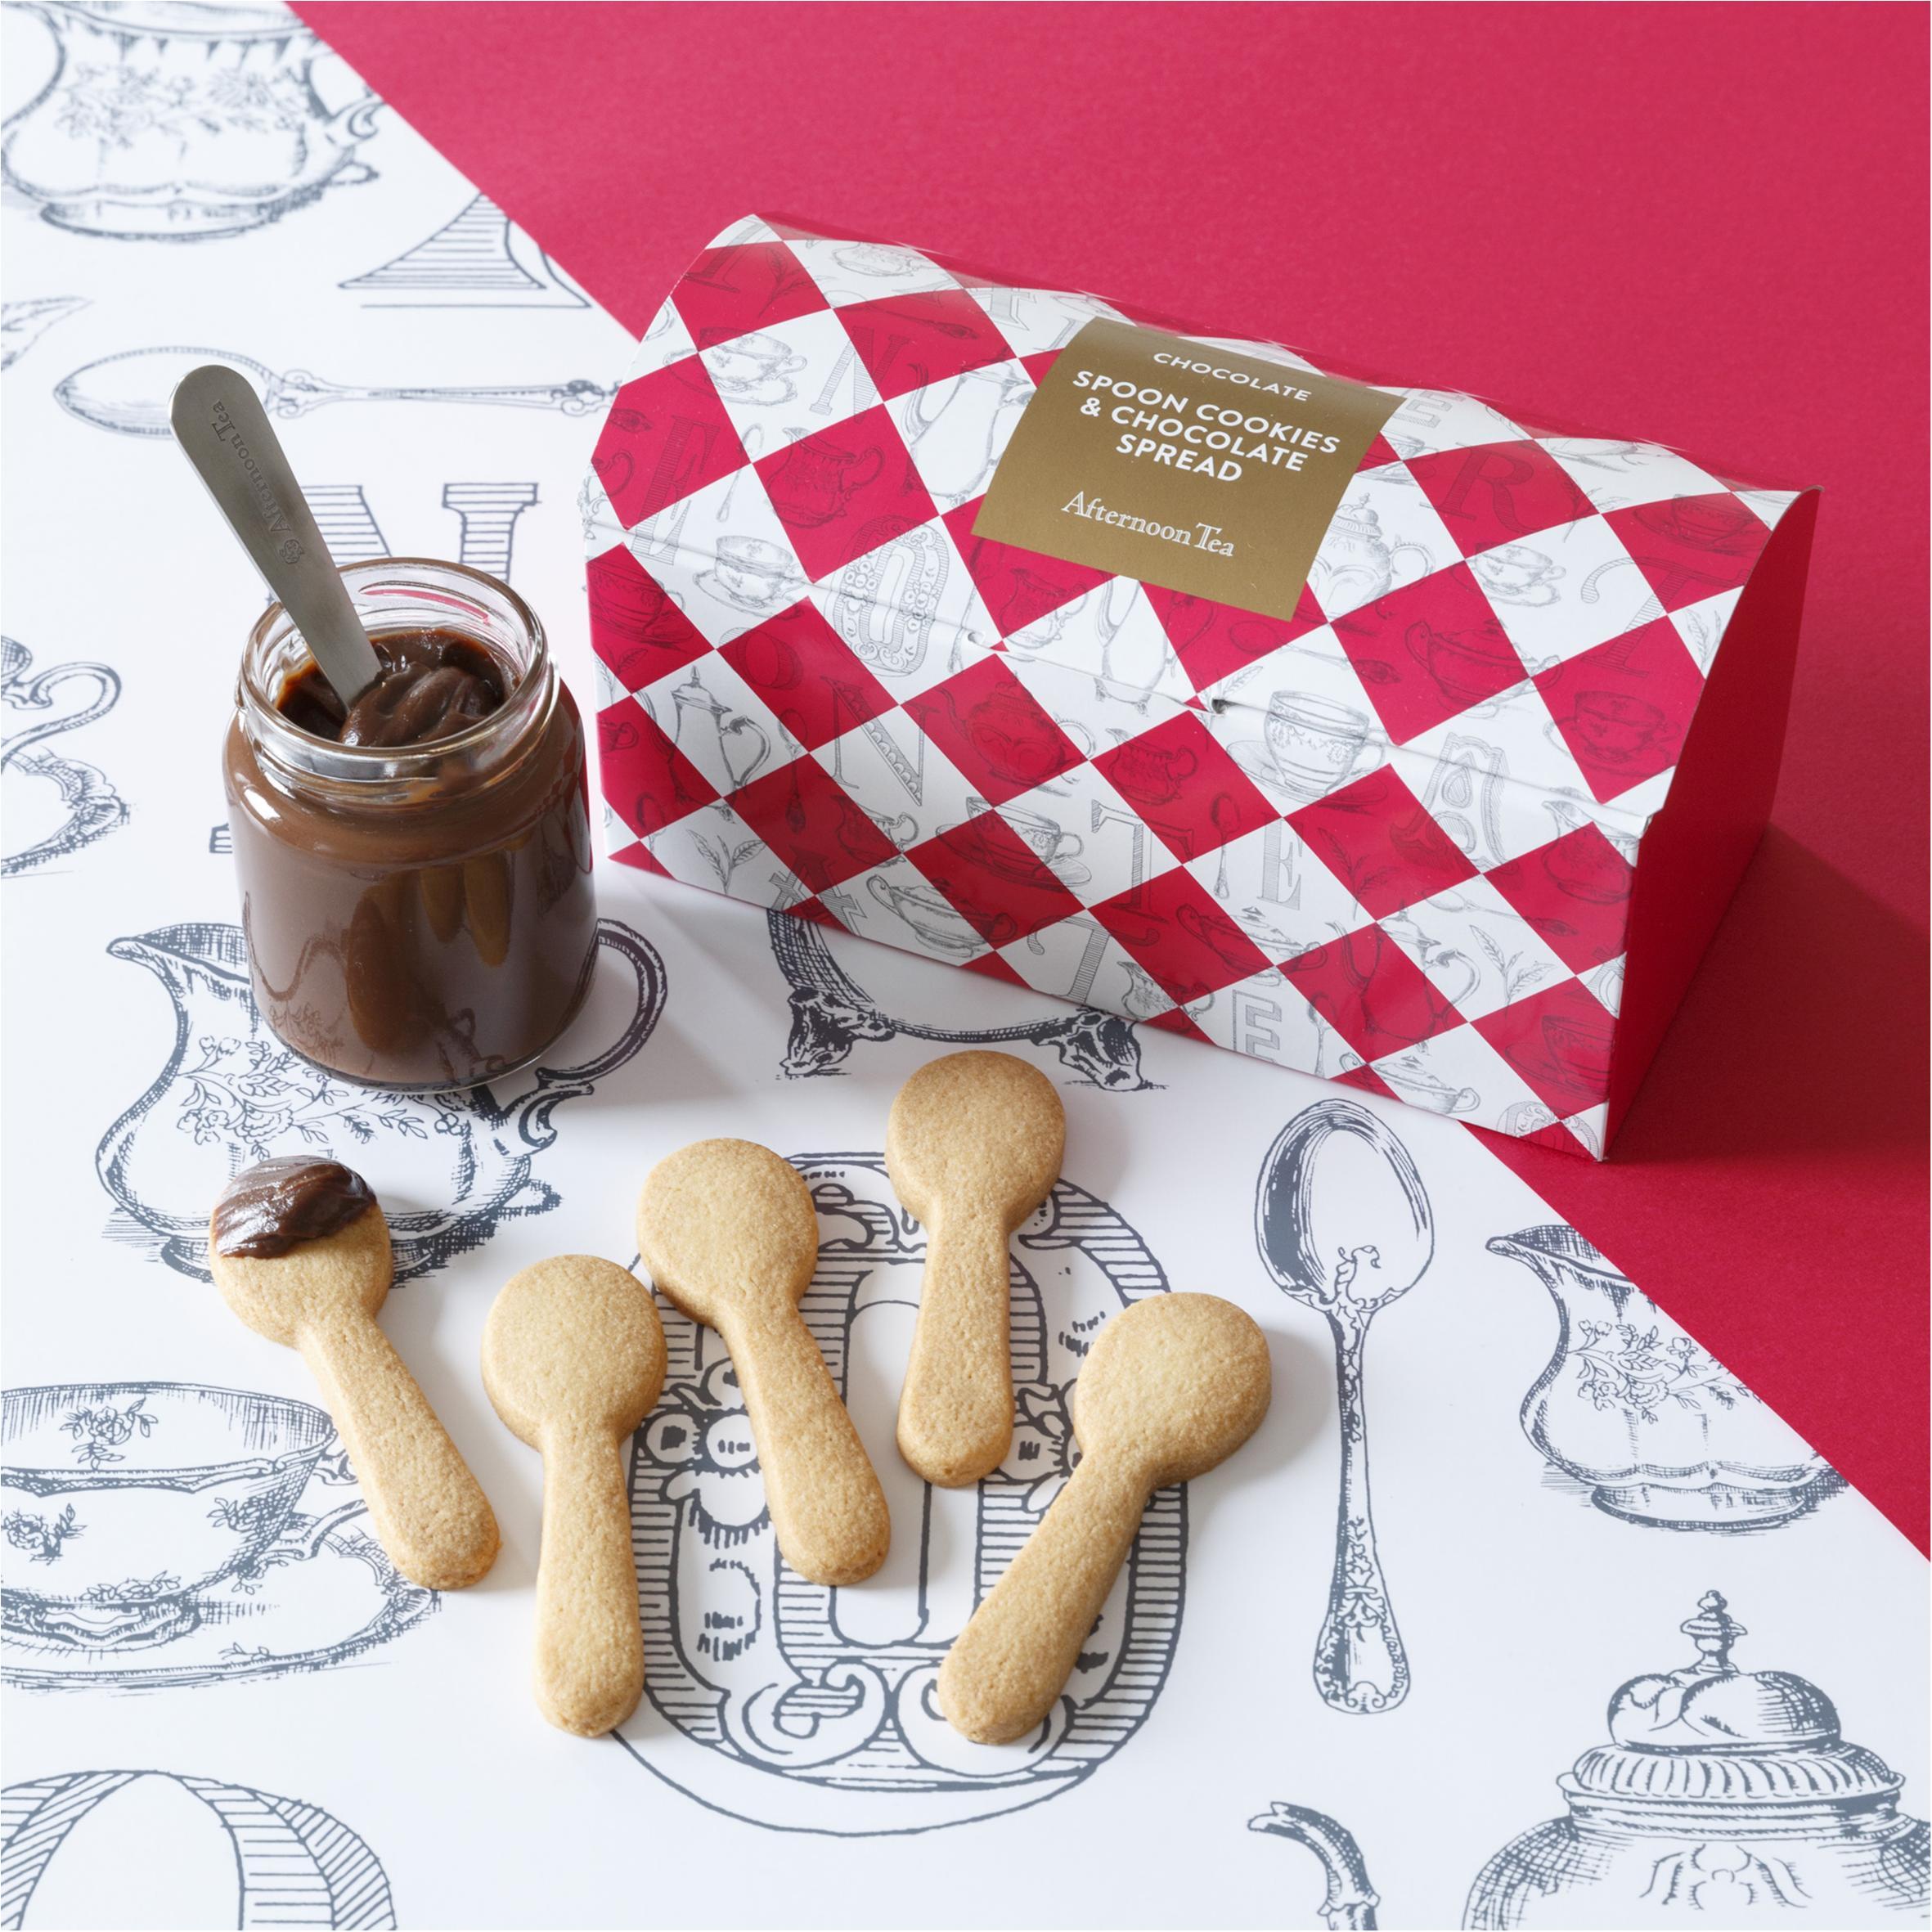 チョコが食べたい季節♡ 『アフタヌーンティー』ならおやつにも手土産にもピッタリ!_2